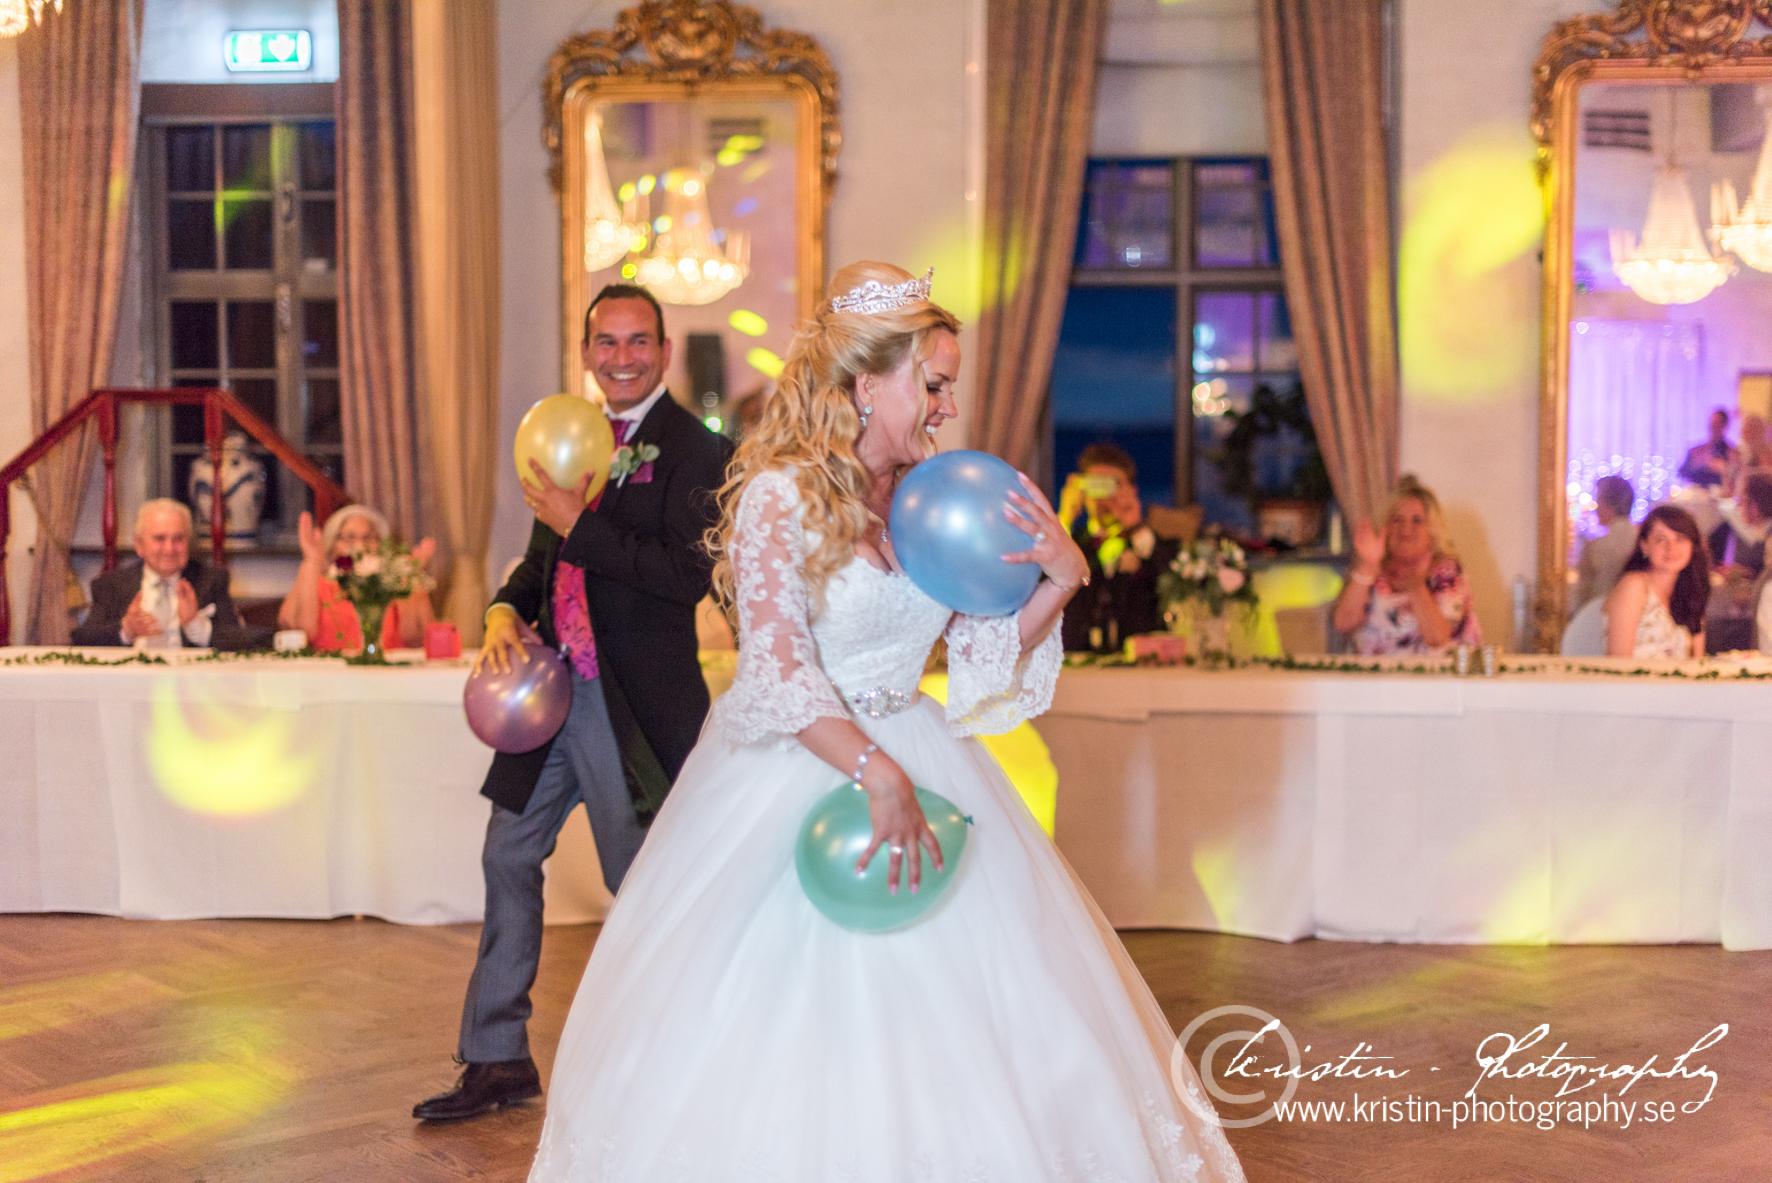 Bröllopsfotograf i Eskilstuna, Kristin - Photography-482.jpg